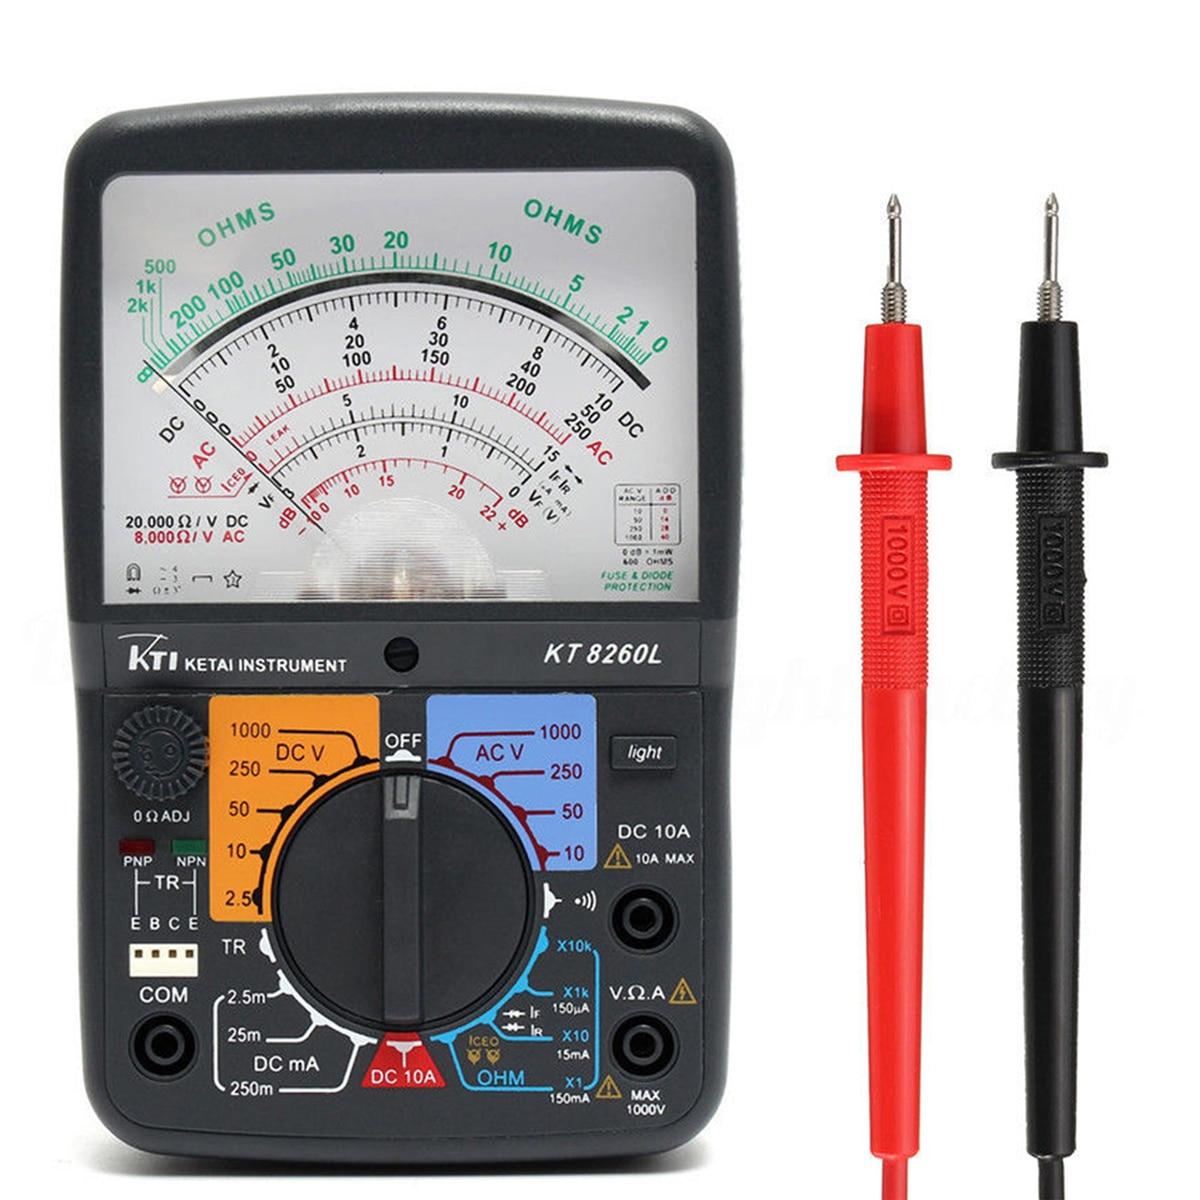 KT8260LDigital Analog Multimeter ACV/DCV/DCA/Electric Resistance Tester  + 2pcs Test Pen For Measurment ToolsKT8260LDigital Analog Multimeter ACV/DCV/DCA/Electric Resistance Tester  + 2pcs Test Pen For Measurment Tools